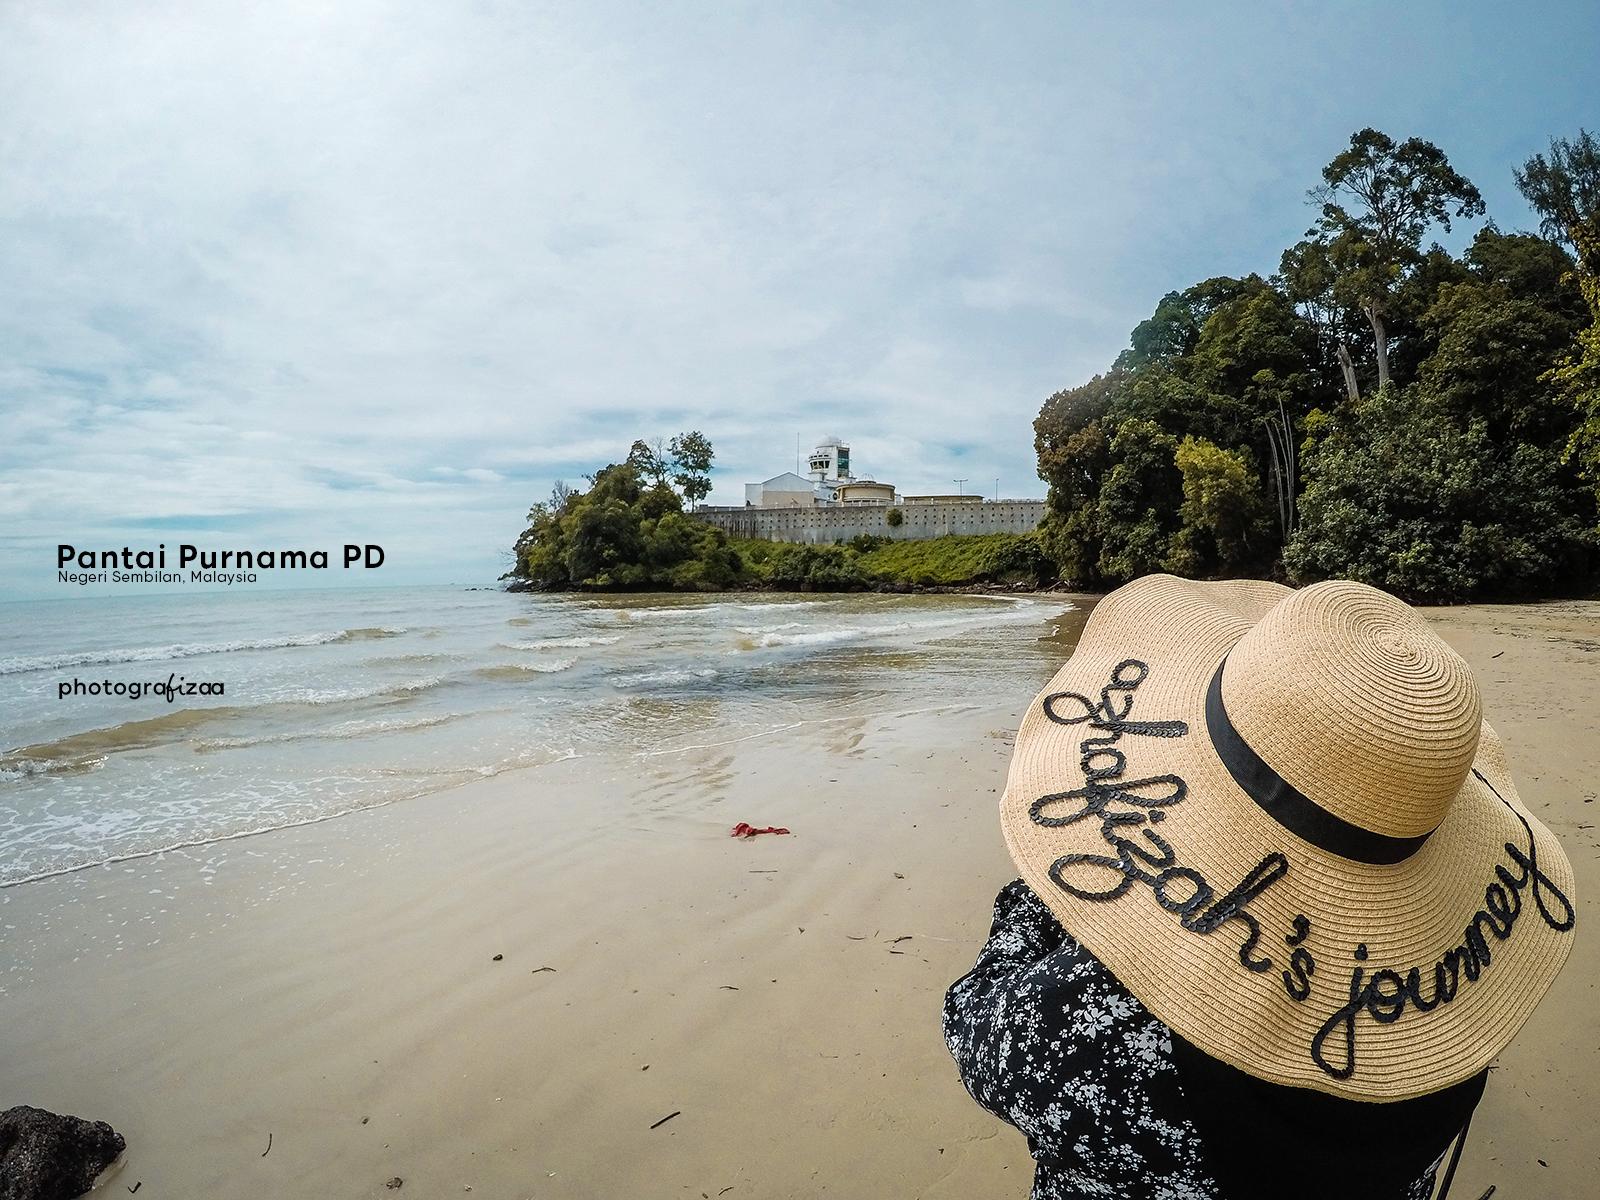 Pantai Purnama Port Dickson